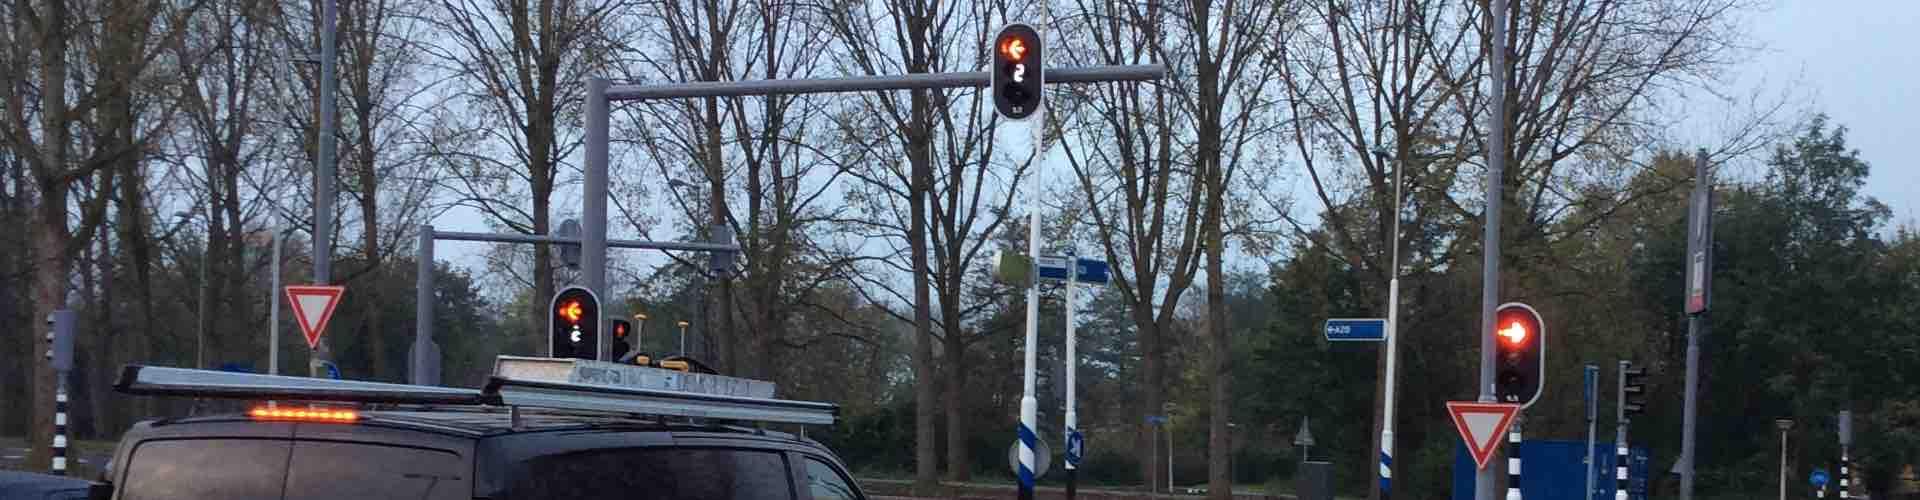 3,2,1 groen: aftellende verkeerslichten